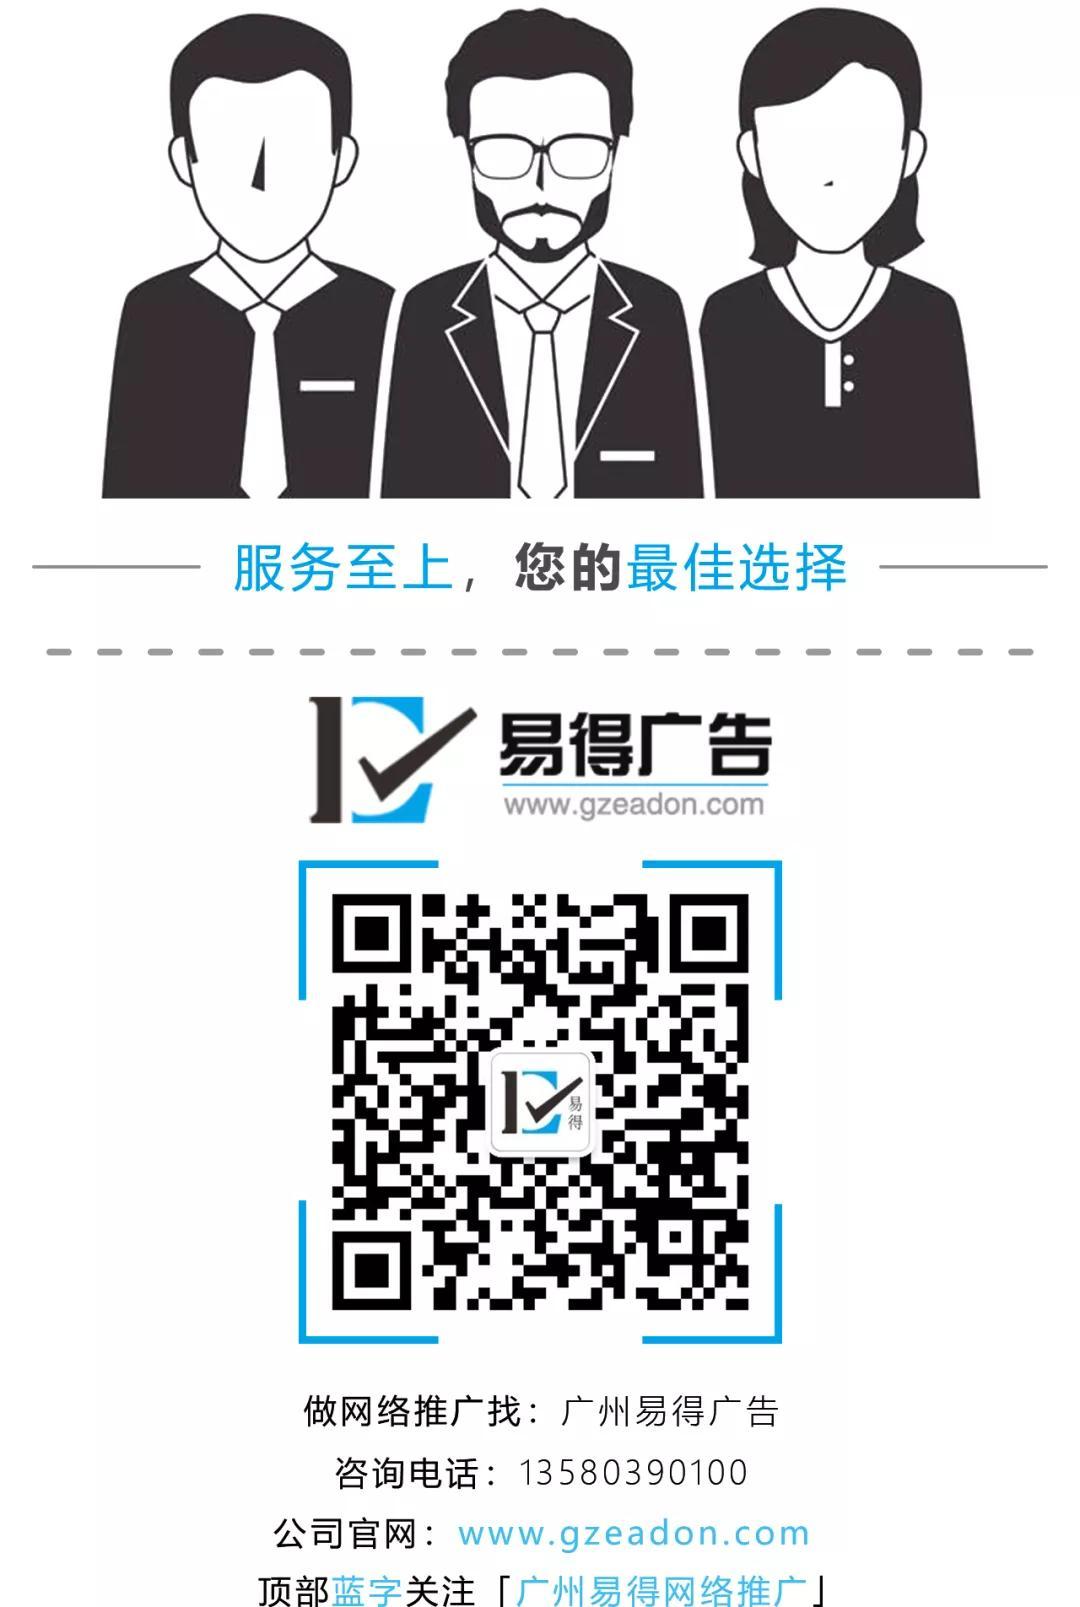 哪里有提供可靠放心的广州网络建设公司 广东网站建设公司